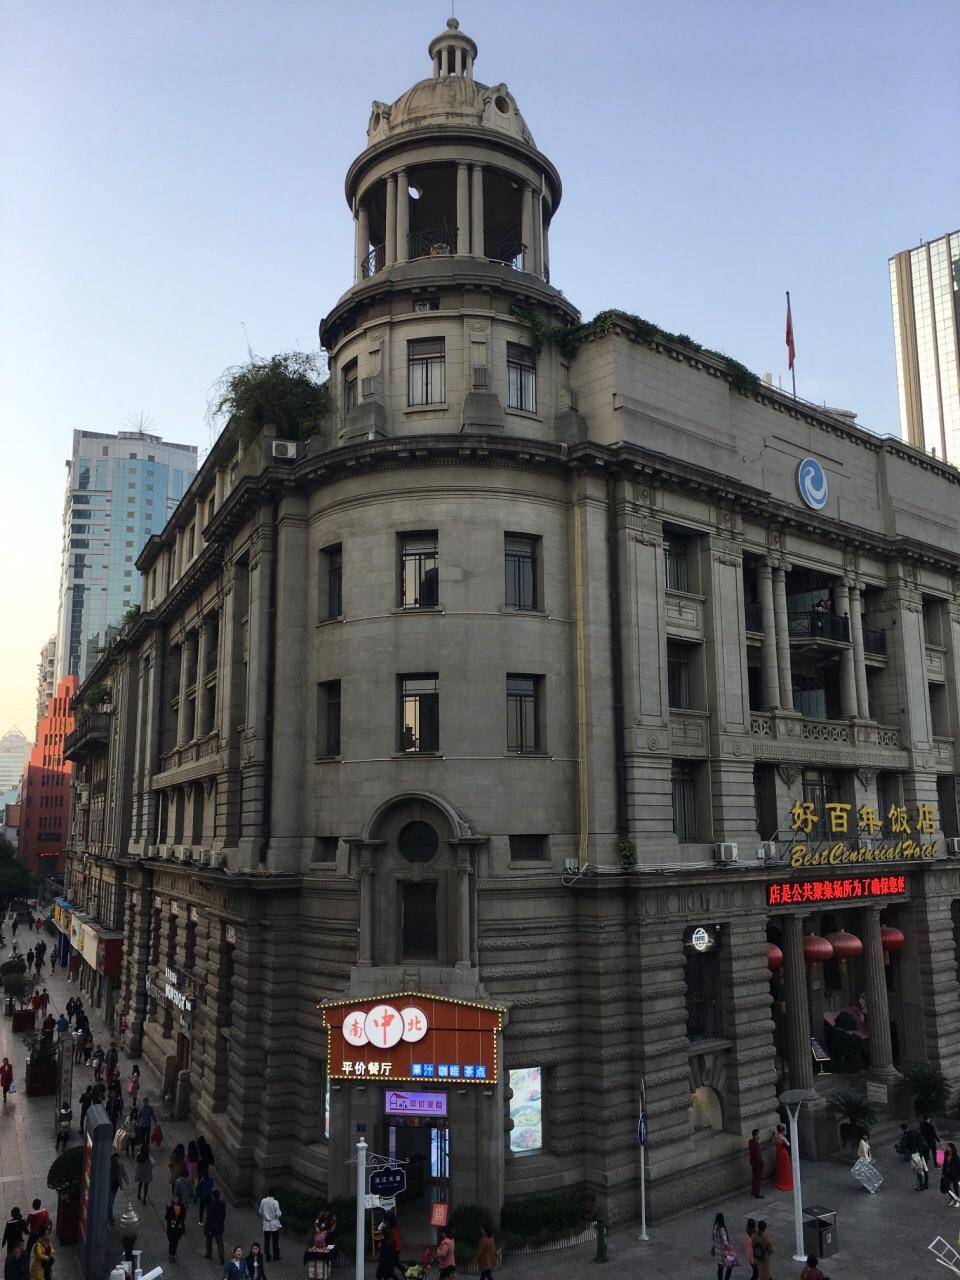 《马关条约》后,日本取得长江流域航行权。为了避免恶性竞争,几家日本公司合并经营,曾吸收少量中国股东加盟,以日清命名,表示中日合营、亲善。日清洋行一度成为在华外资行运企业中,船舶吨位最大的一家。该大楼现已成为好百年饭店,门前的饭店装饰让欧式古典风格大打折扣。